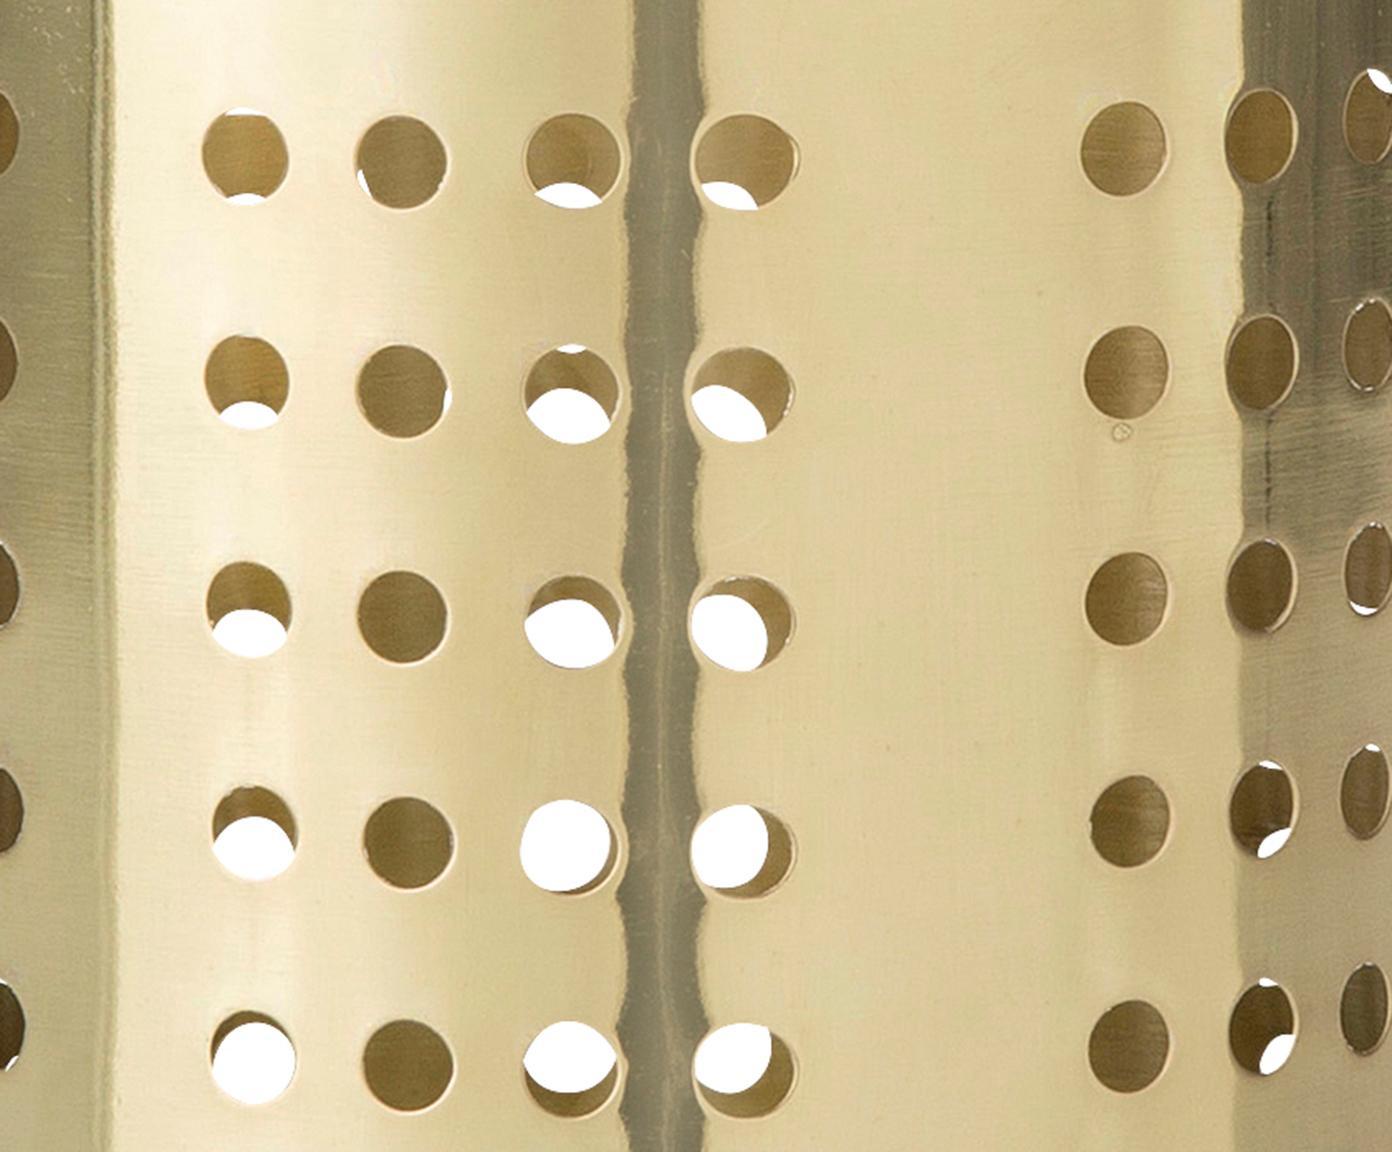 Uchwyt na sztućce Juno, Stal nierdzewna, Odcienie mosiądzu, Ø 11 x W 14 cm